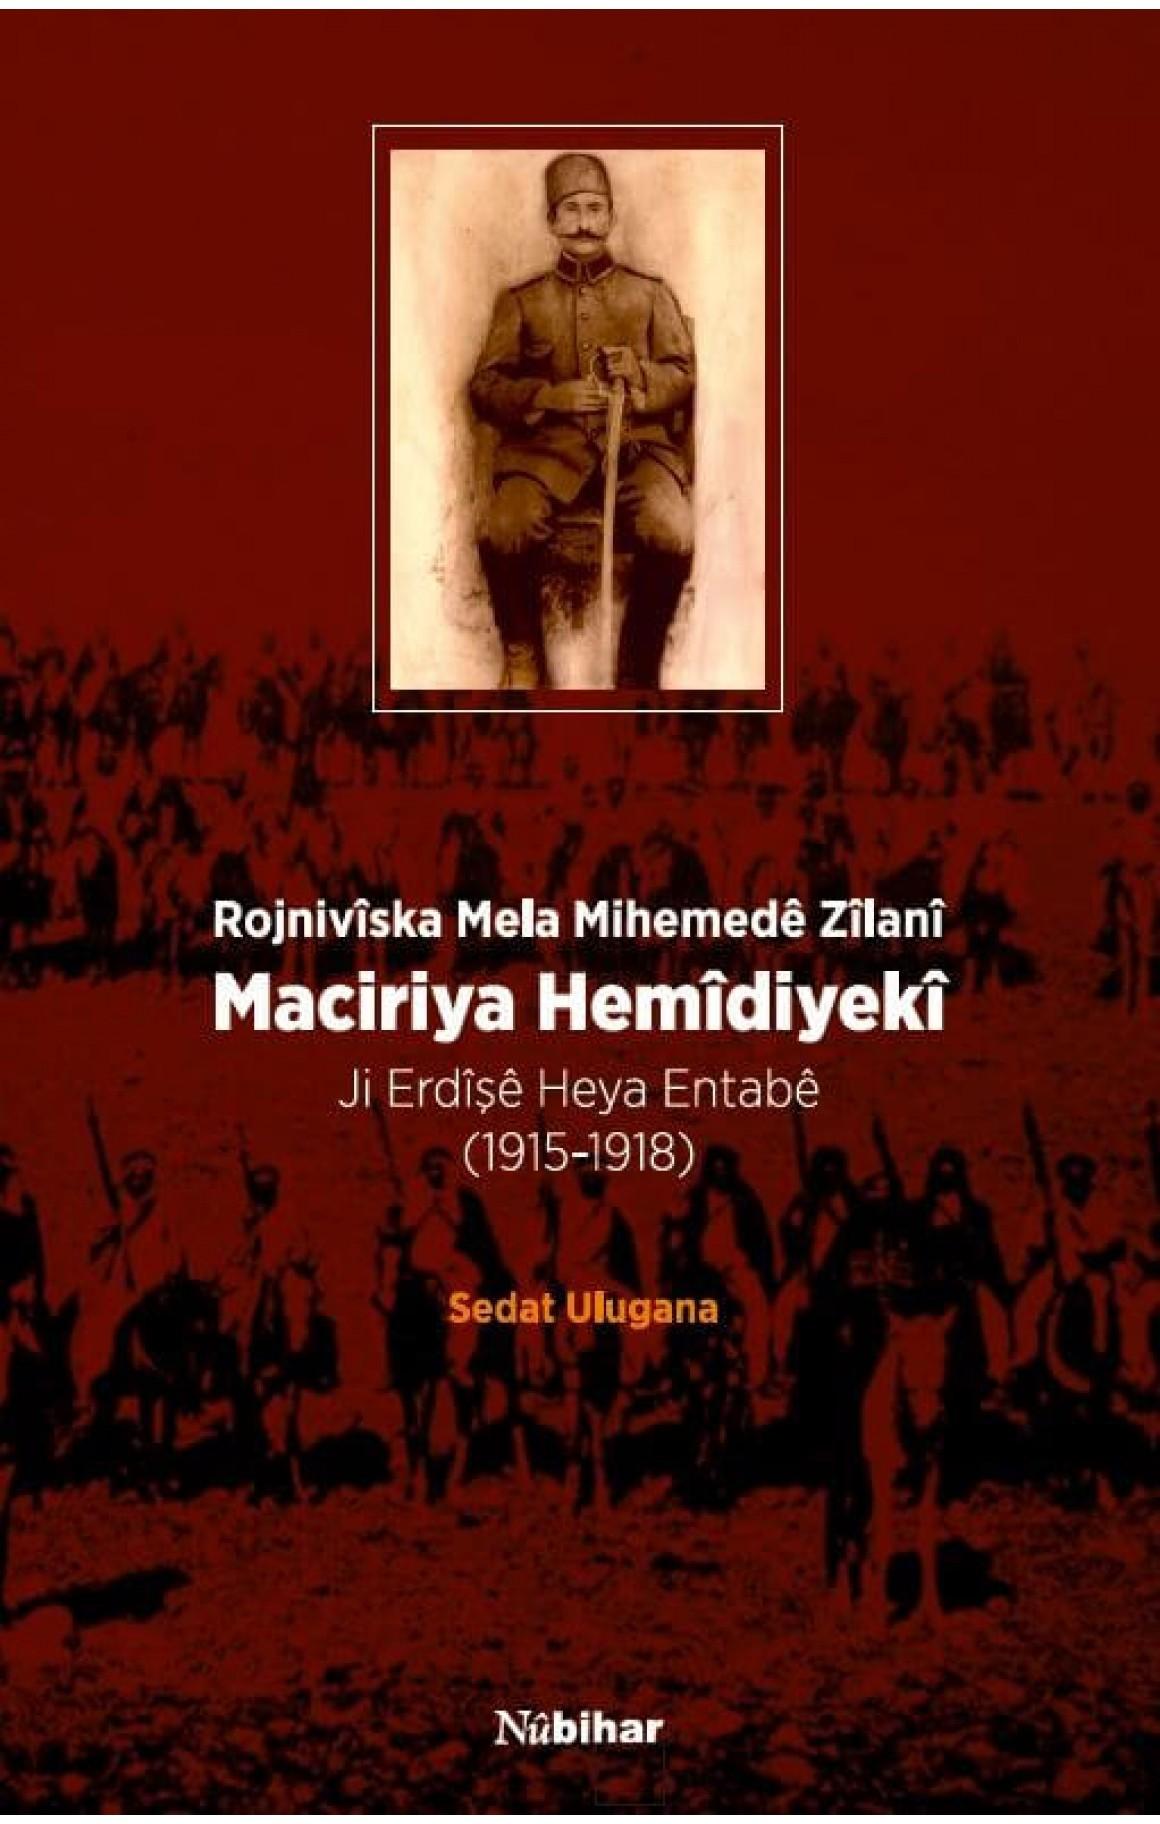 Maciriya Hemîdiyekî - Rojnivîska Mela Mihemedê Zîlanî